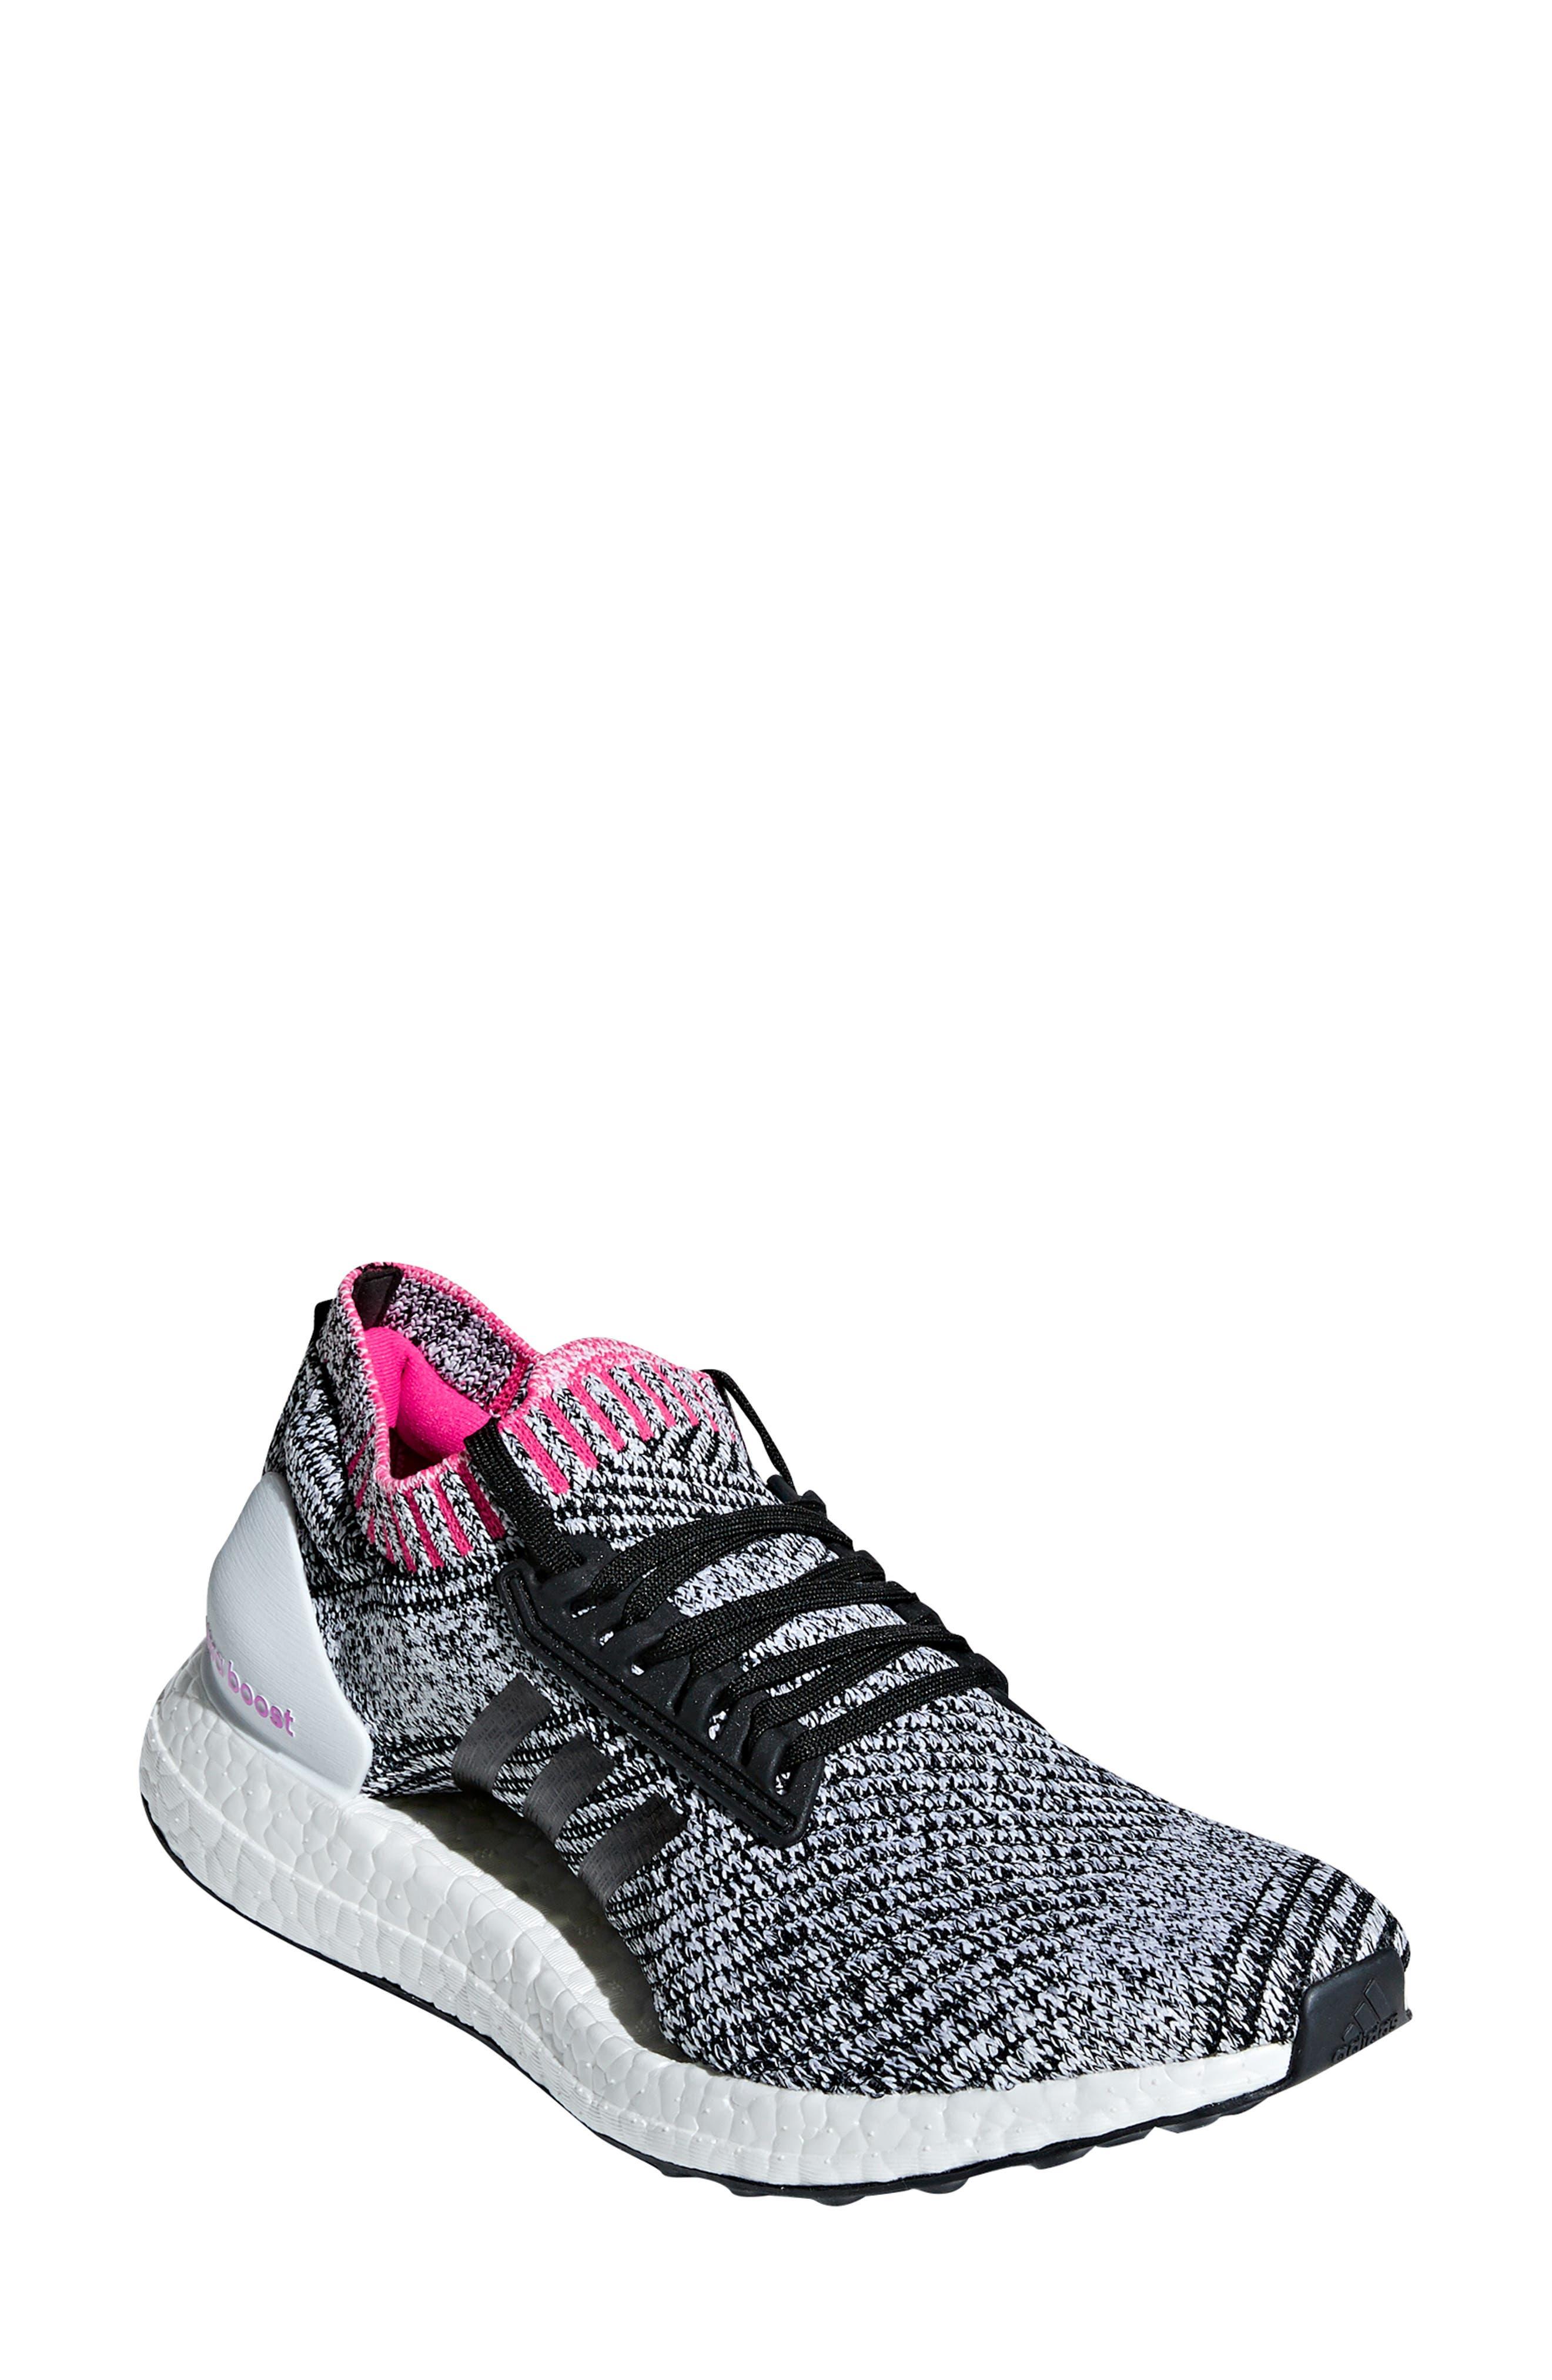 Women'S Ultraboost X Primeknit Lace Up Sneakers in White/ Black/ Shock Pink